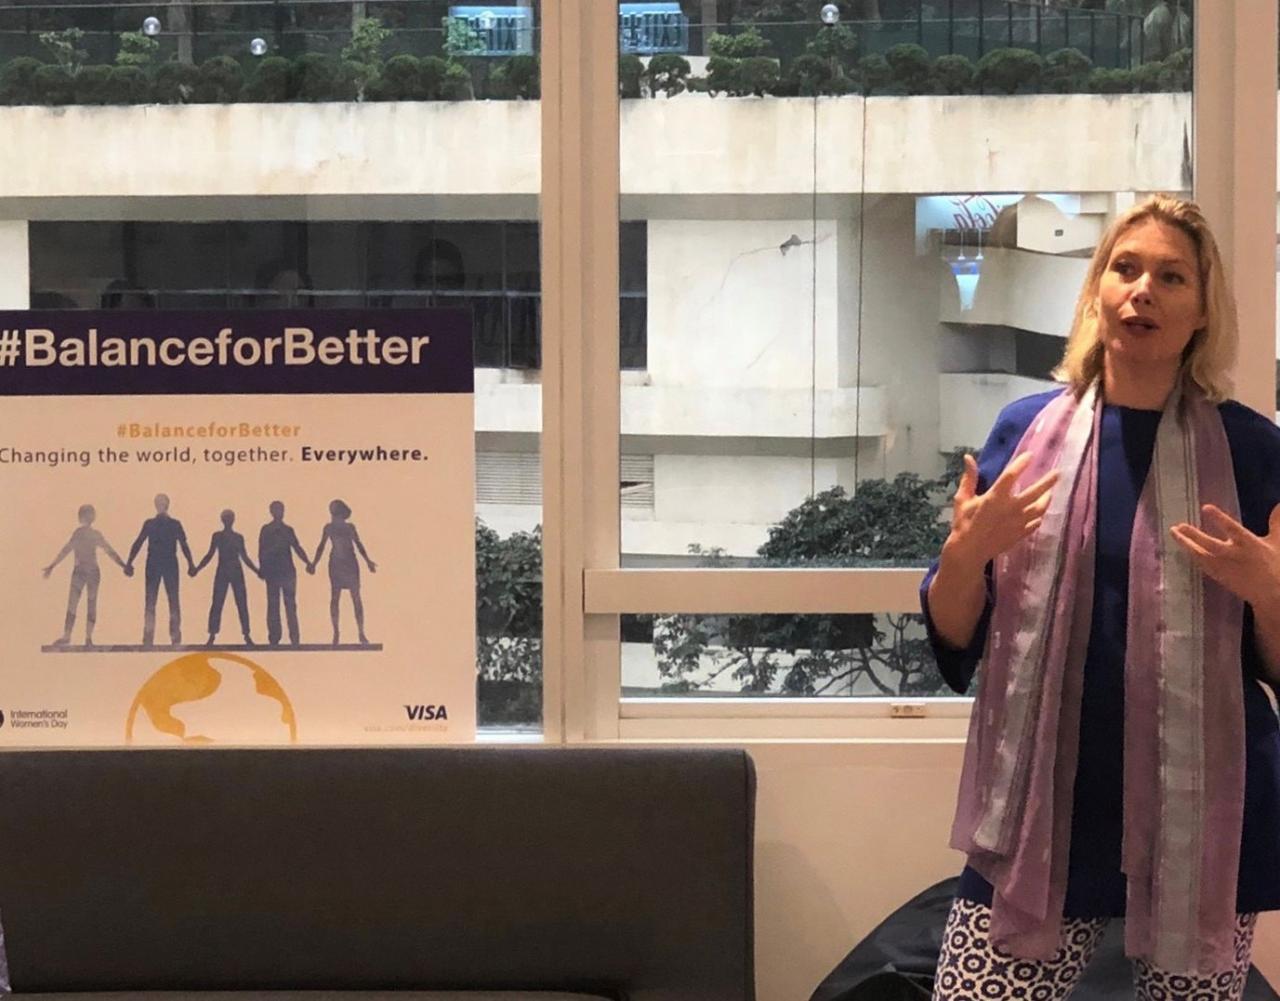 今日Visa香港和澳門區董事總經理史美琪與其團隊在公司共晉早餐,並分享對性別平等的看法。